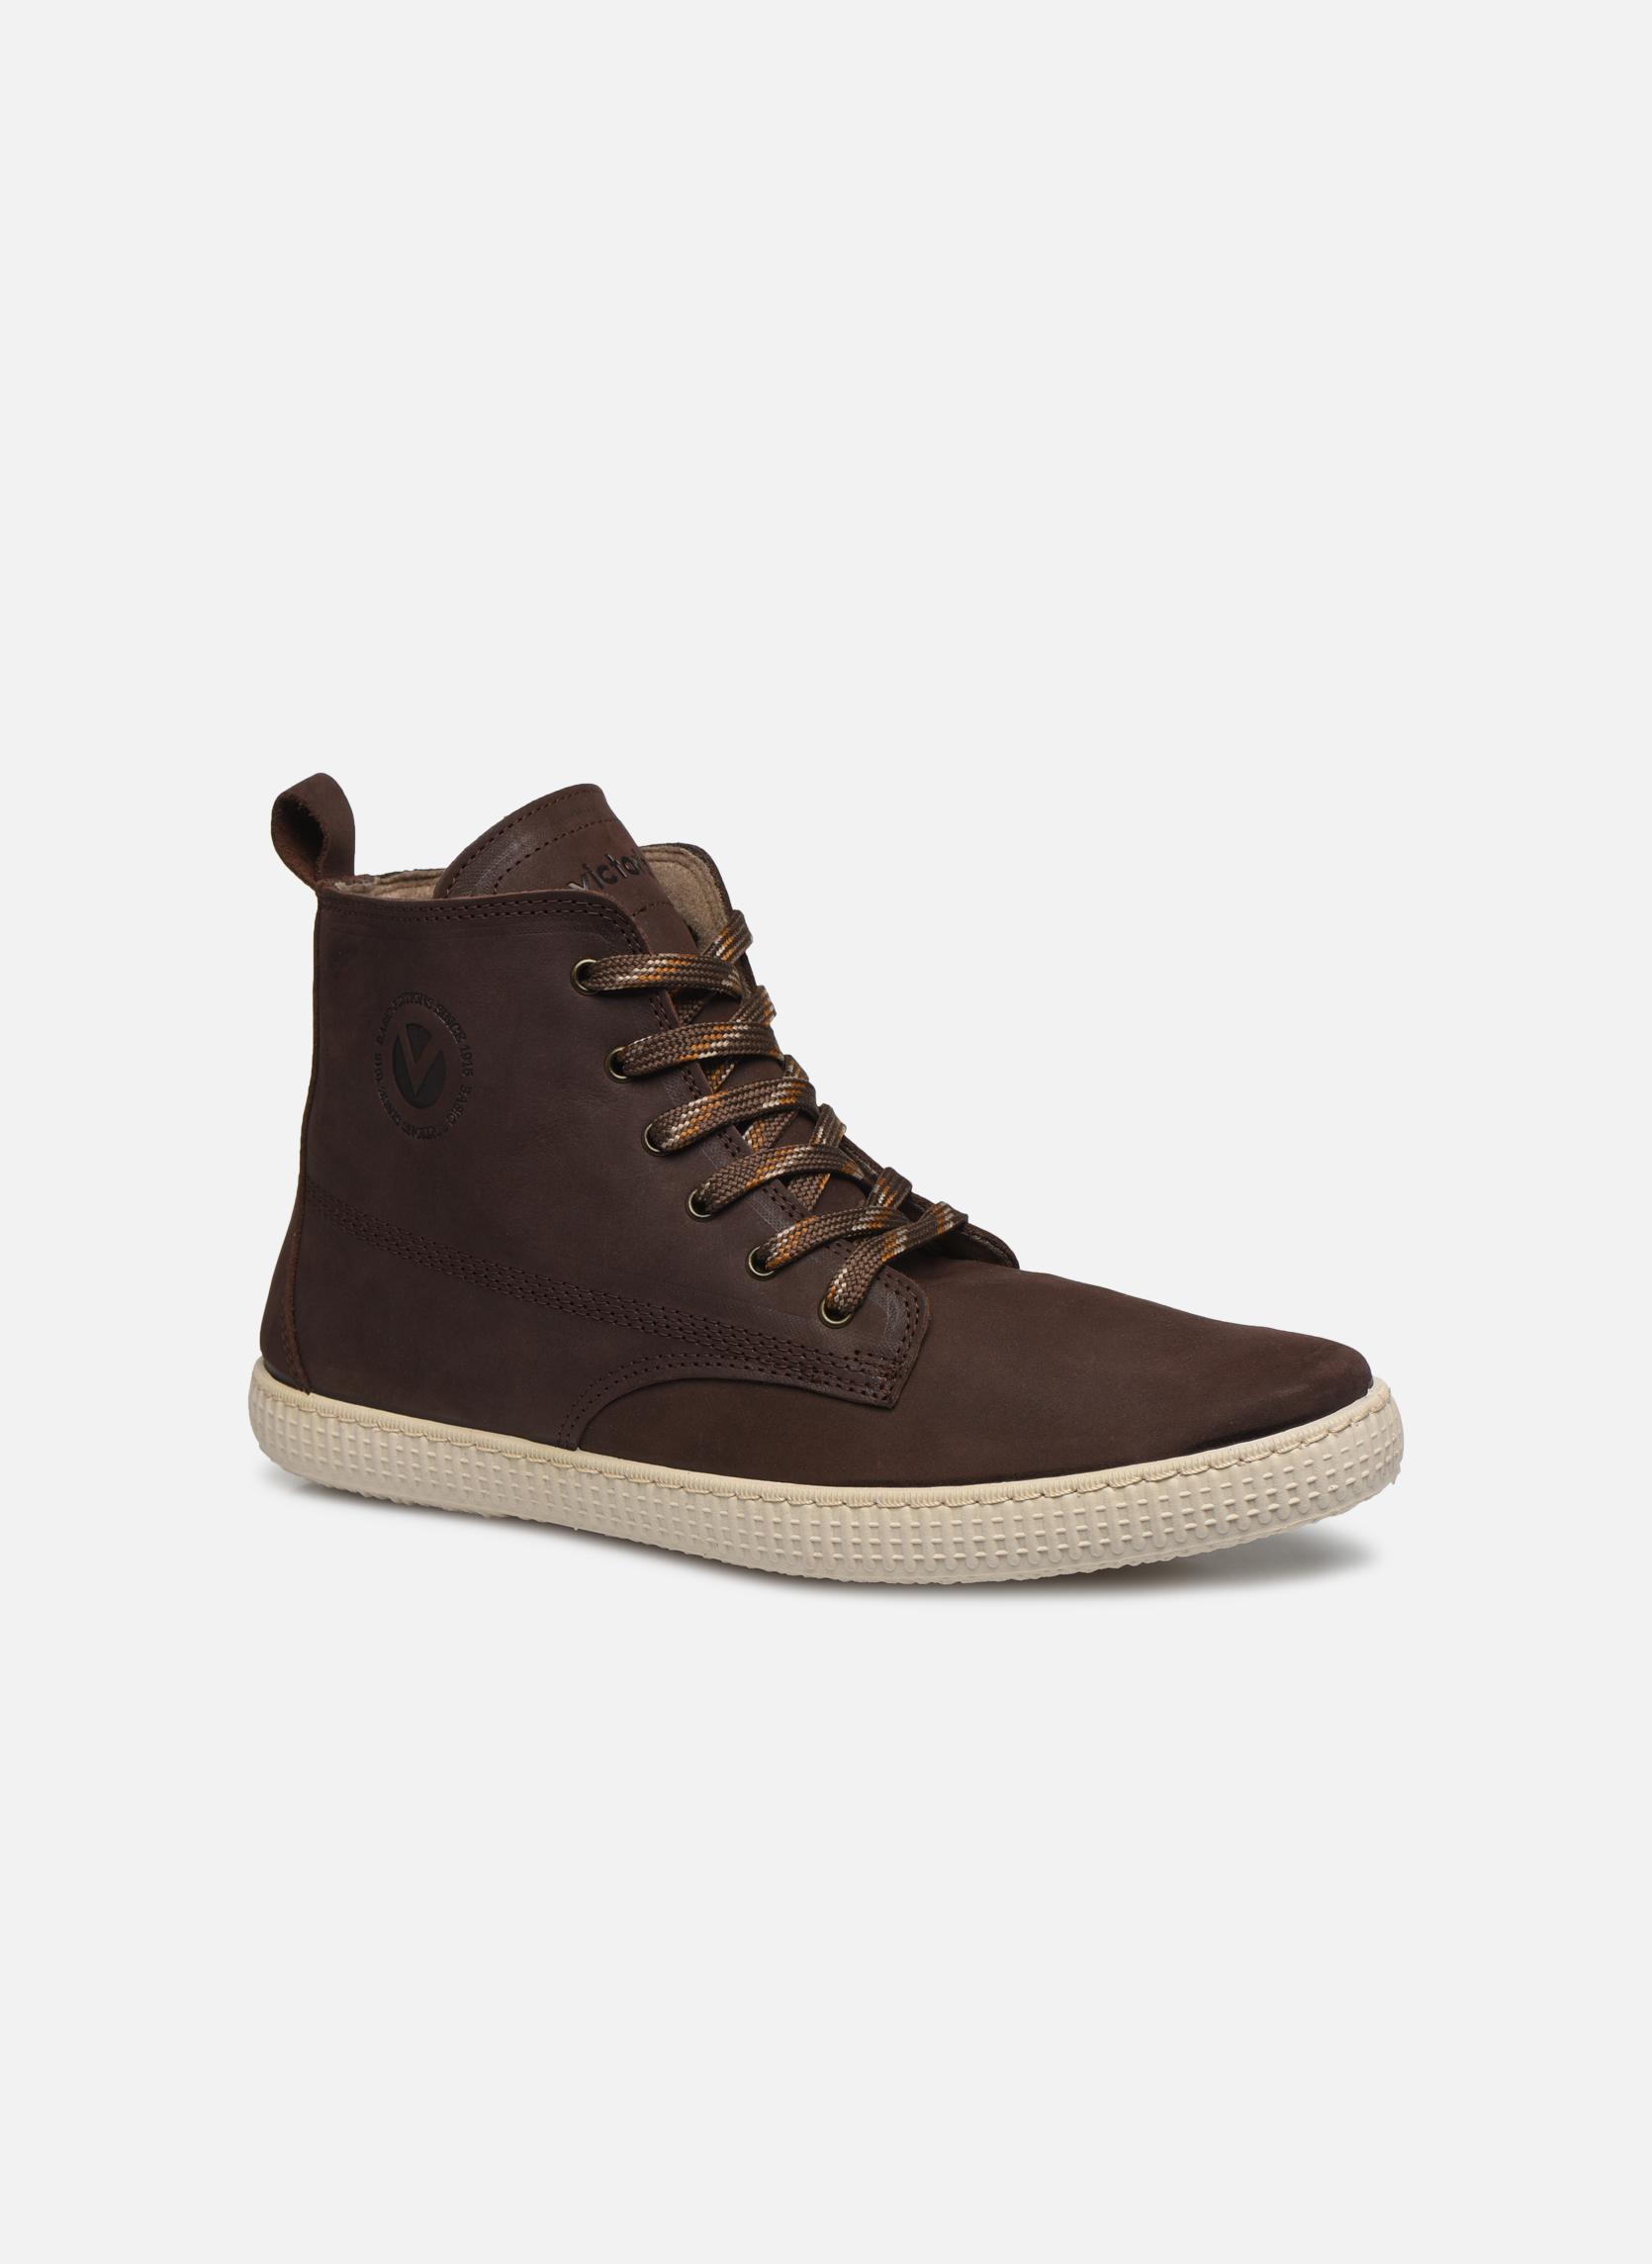 Sneakers Herr Bota Working Piel